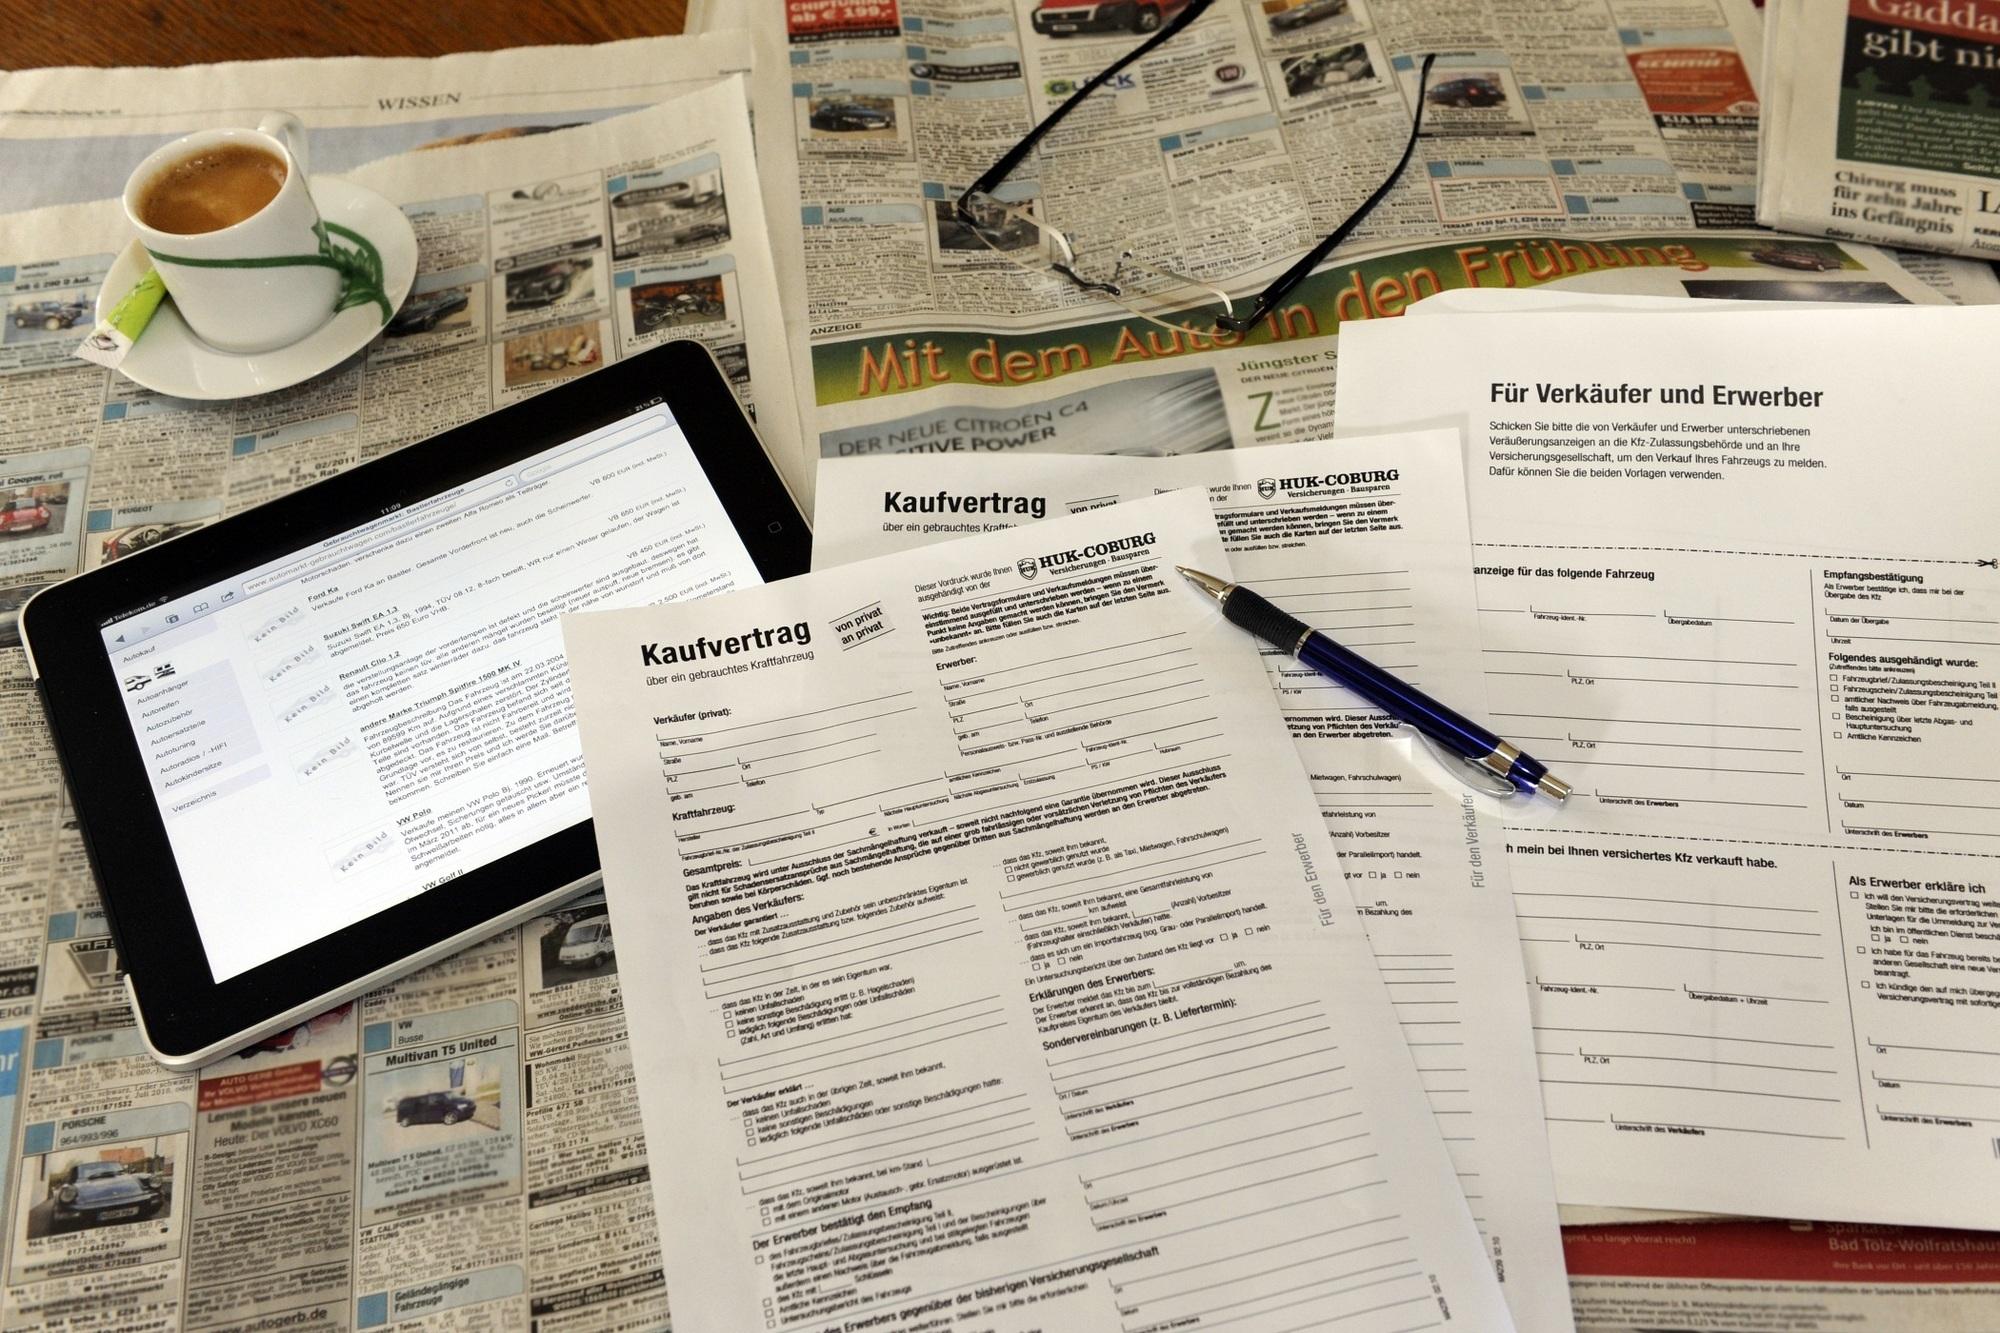 Schummelei bei Gebrauchtwagen - Jeder zehnte Verkäufer würde lügen